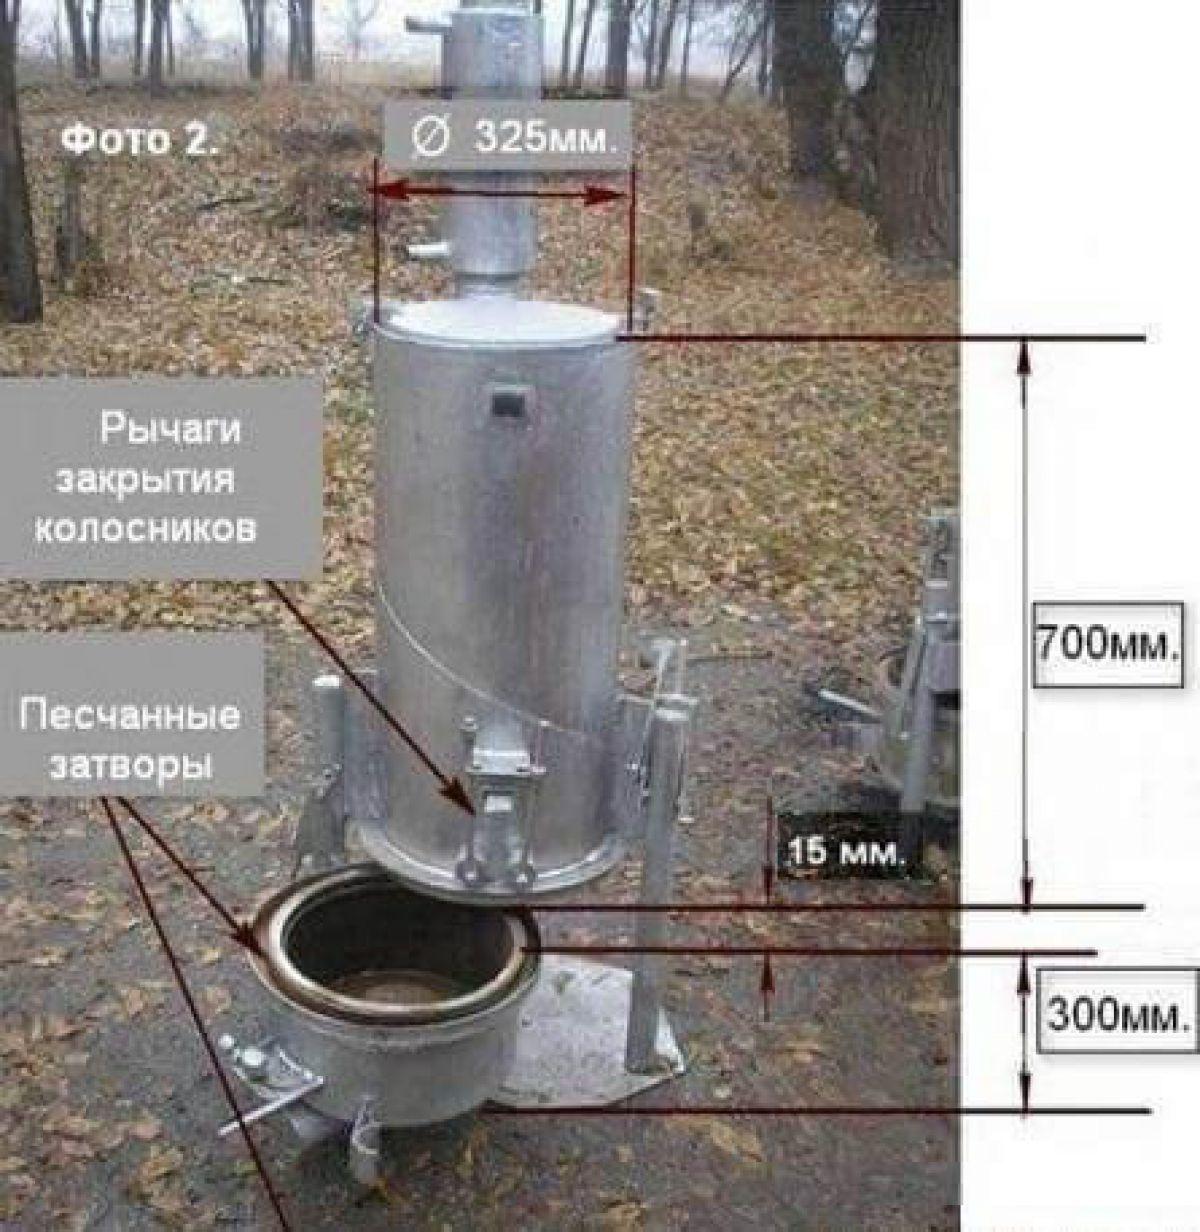 Пиролизная печь из газового баллона. Особенности изготовления 4284